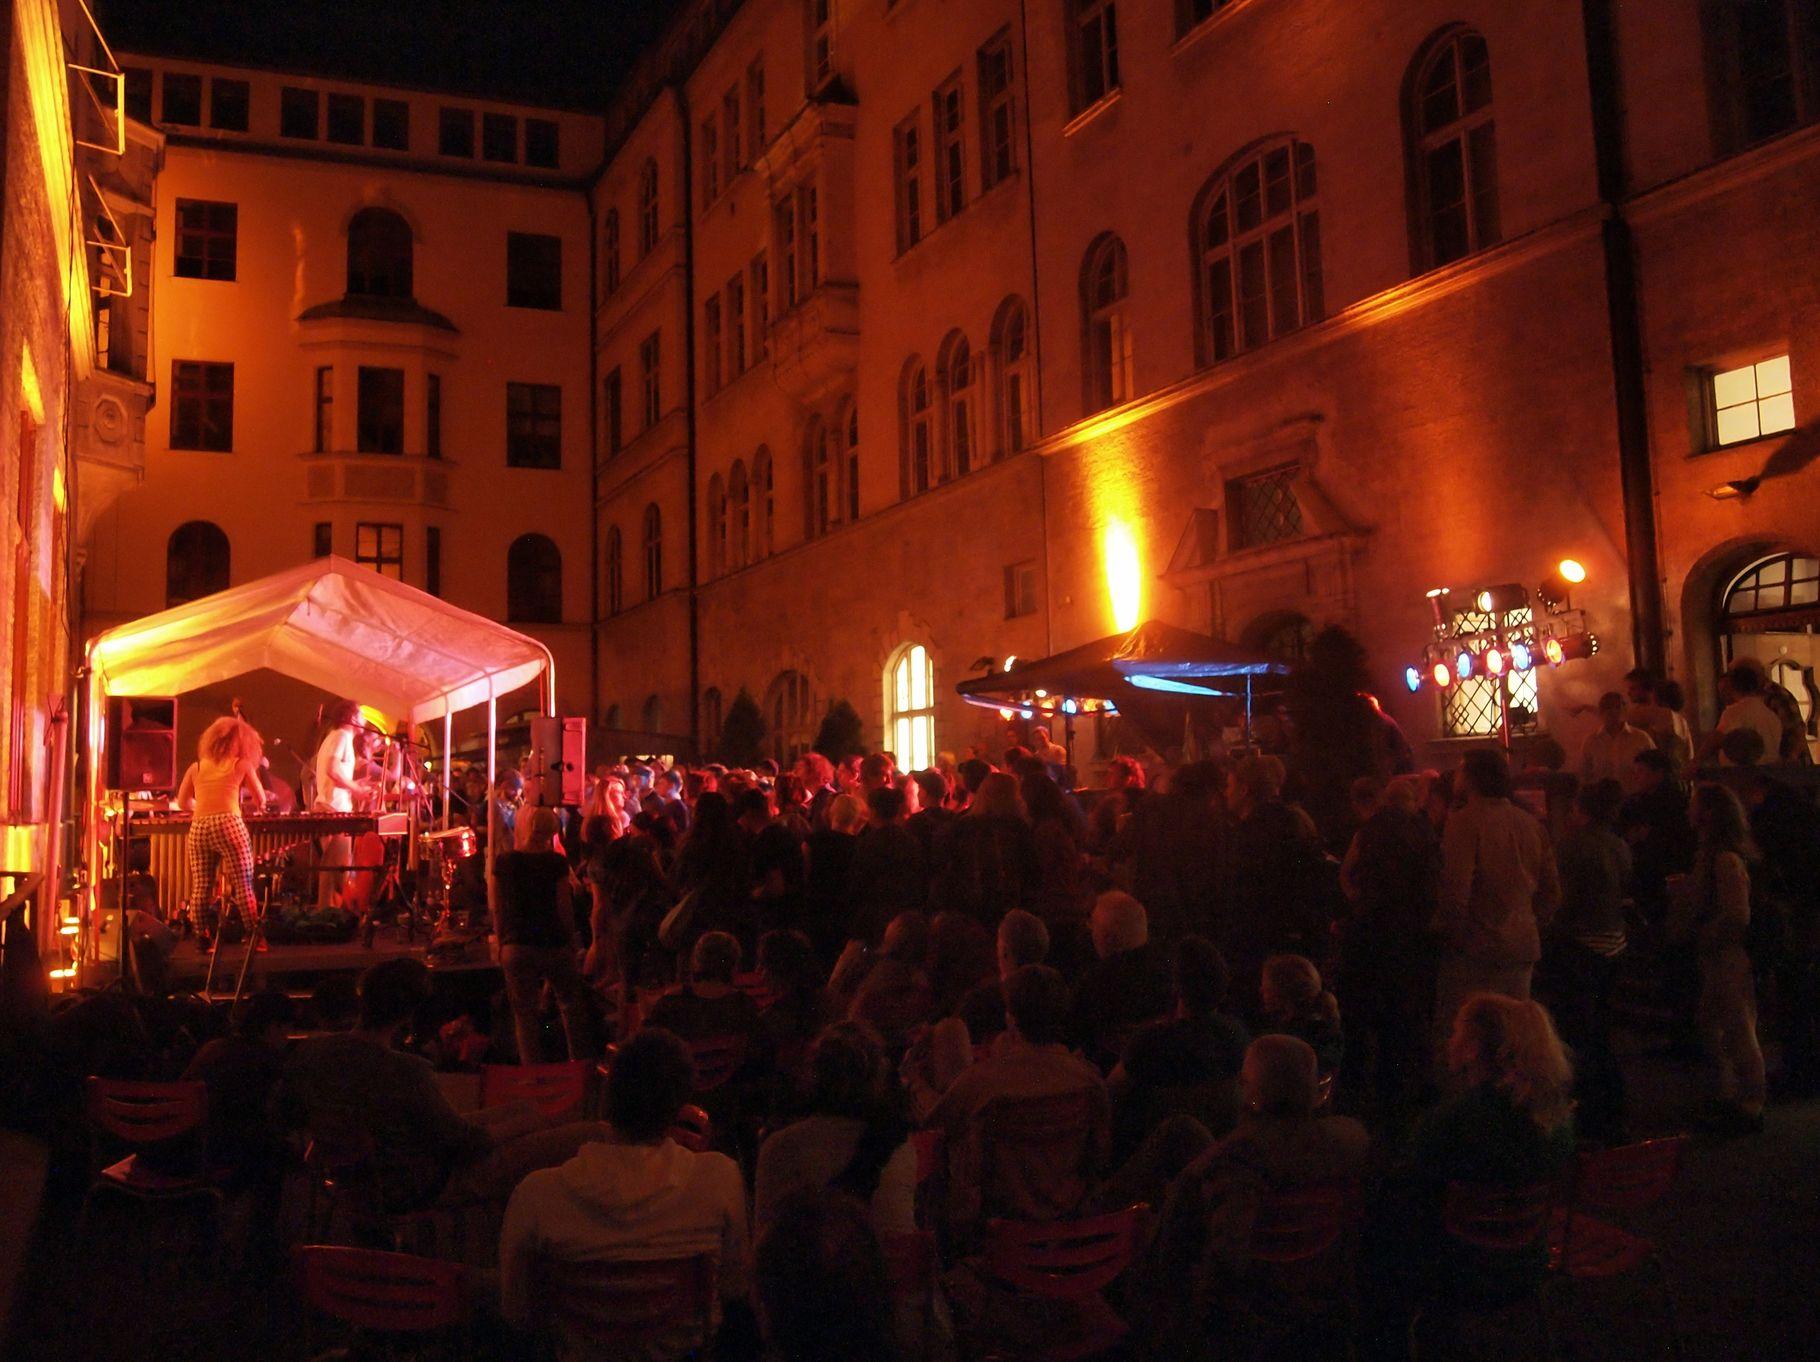 Konzerte im Bürgerhof 04.07.2013 - Freiwilligen-Zentrum Augsburg - Foto: Robert Hösle